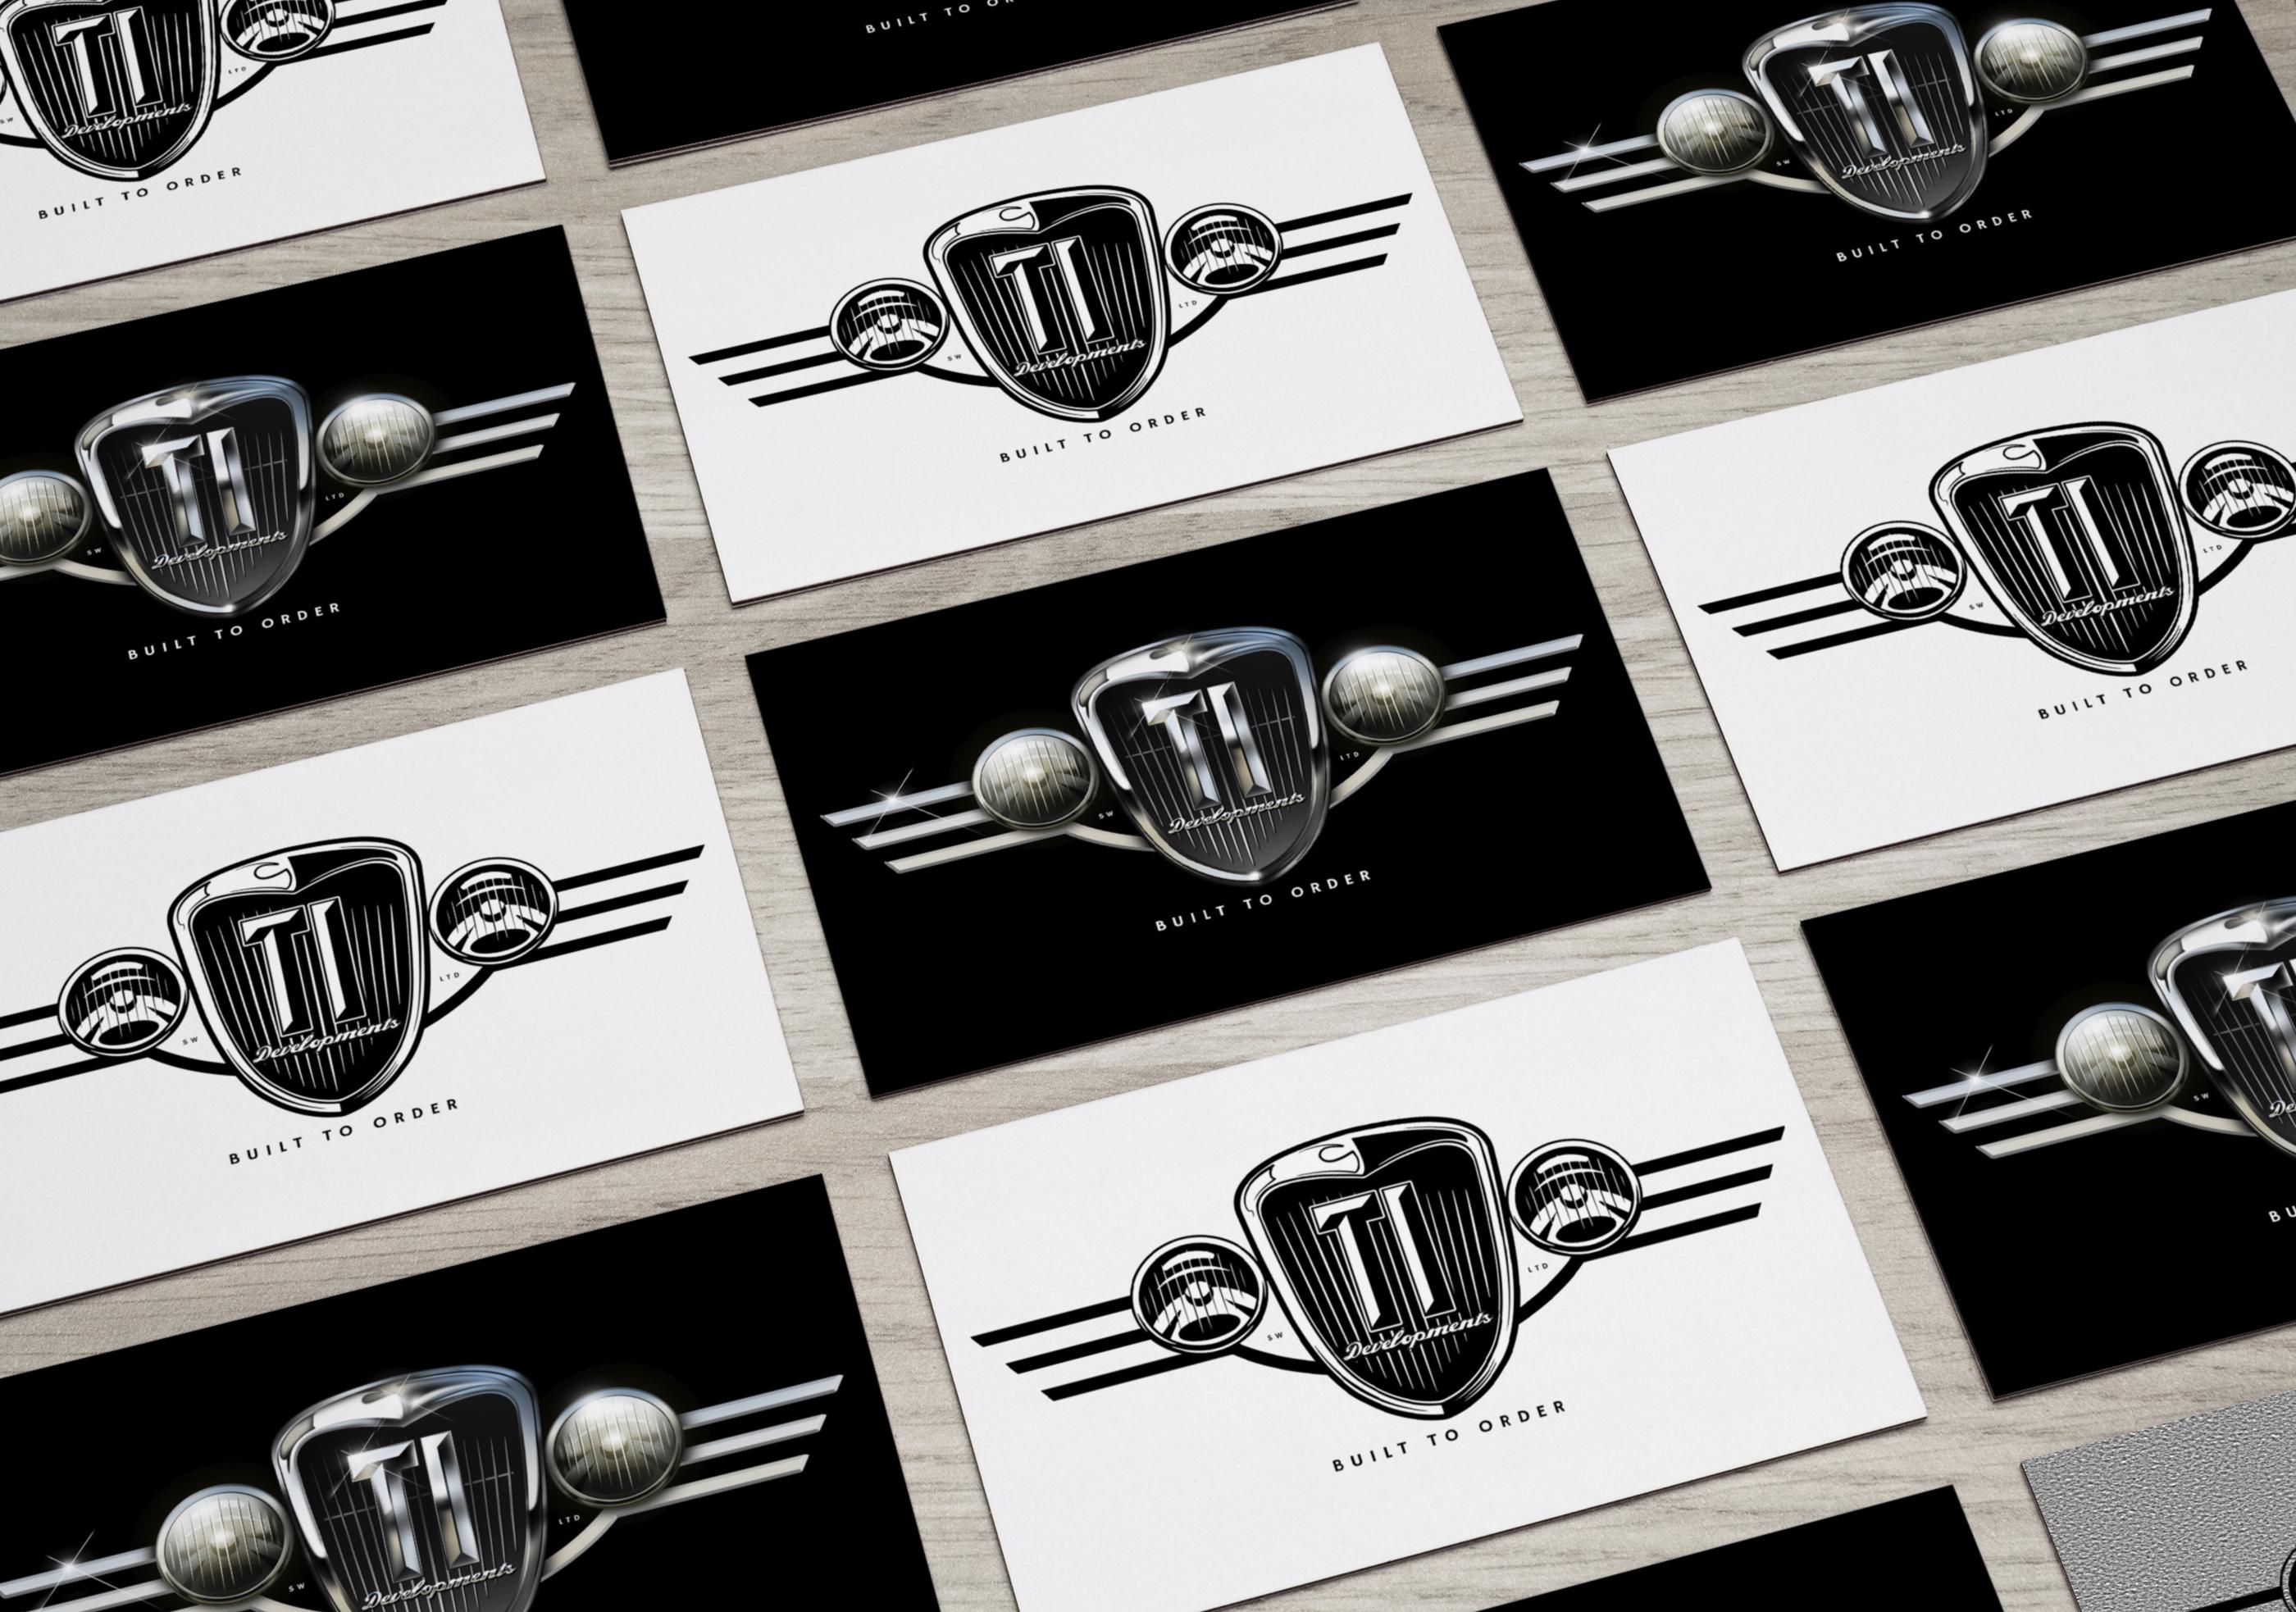 TI Business Cards.jpg